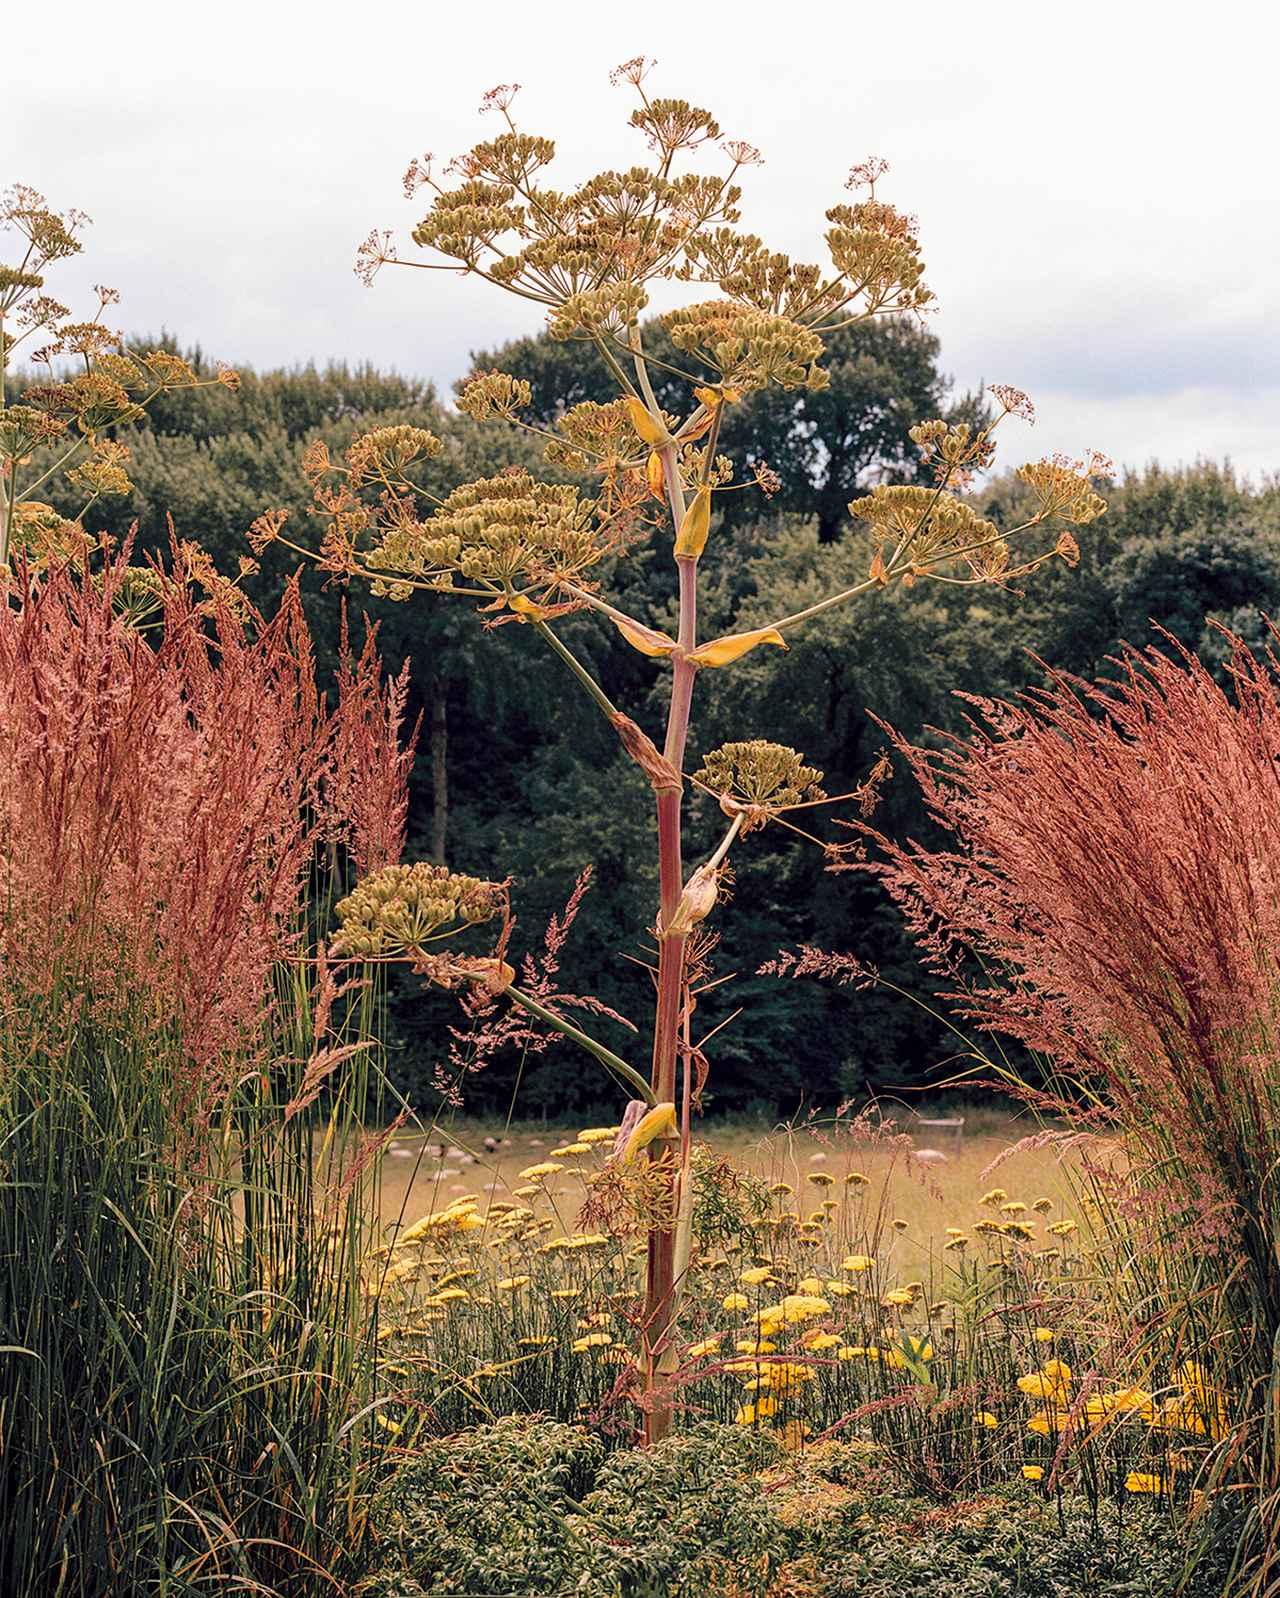 Images : 10番目の画像 - 「野花が咲き乱れ、風に揺れるーー ダン・ピアソンの自身が憩う庭」のアルバム - T JAPAN:The New York Times Style Magazine 公式サイト